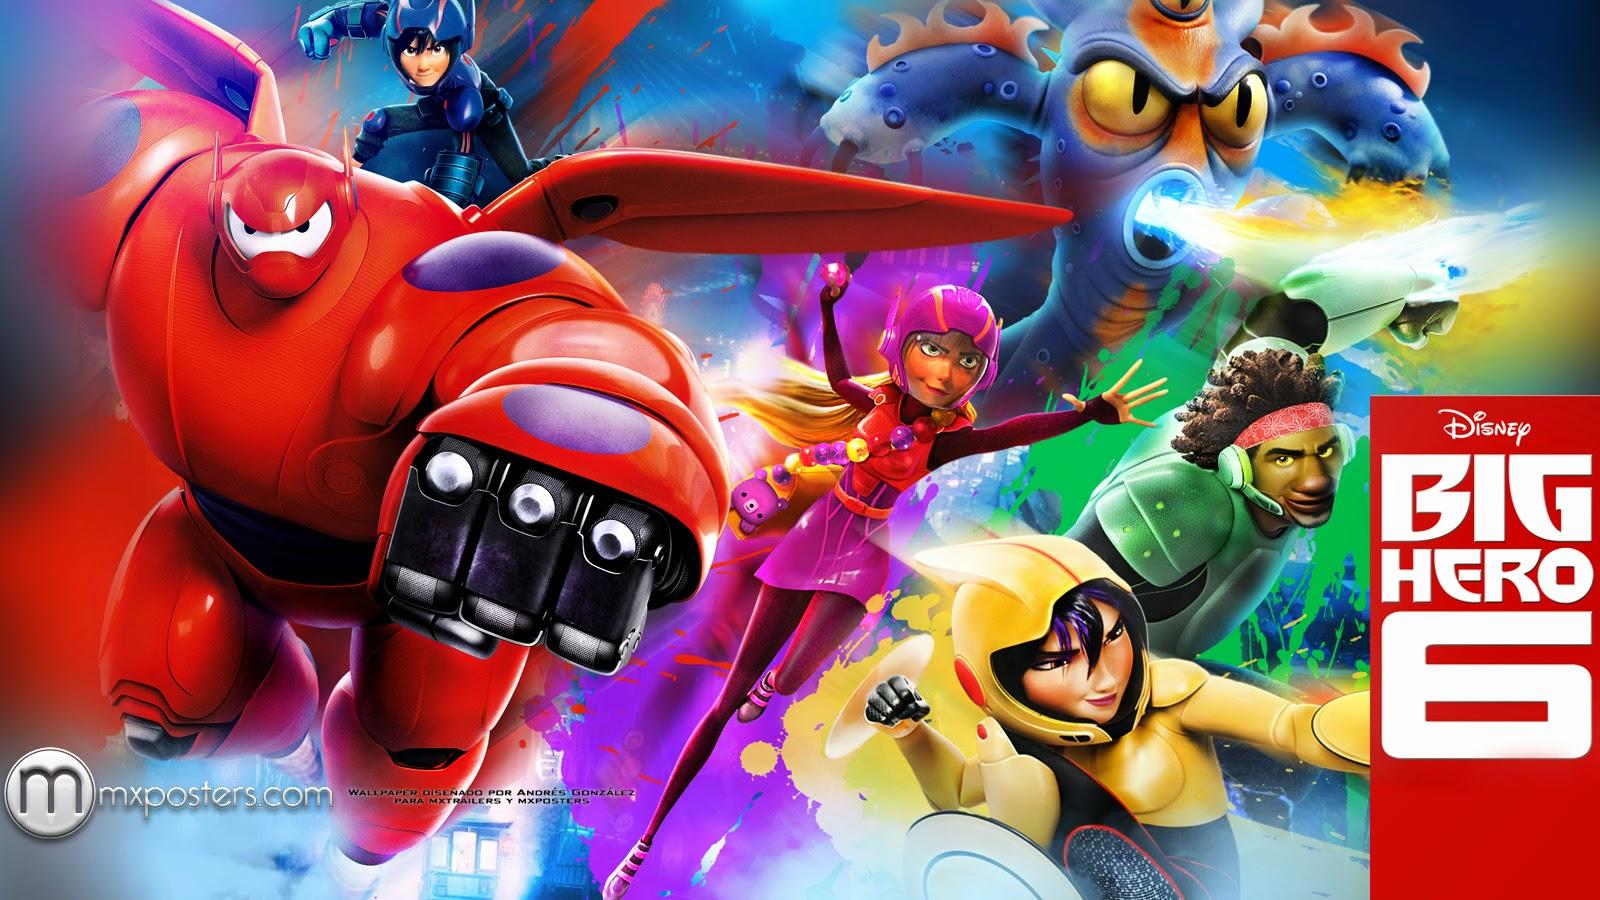 Big Hero 6 Wallpaper -...